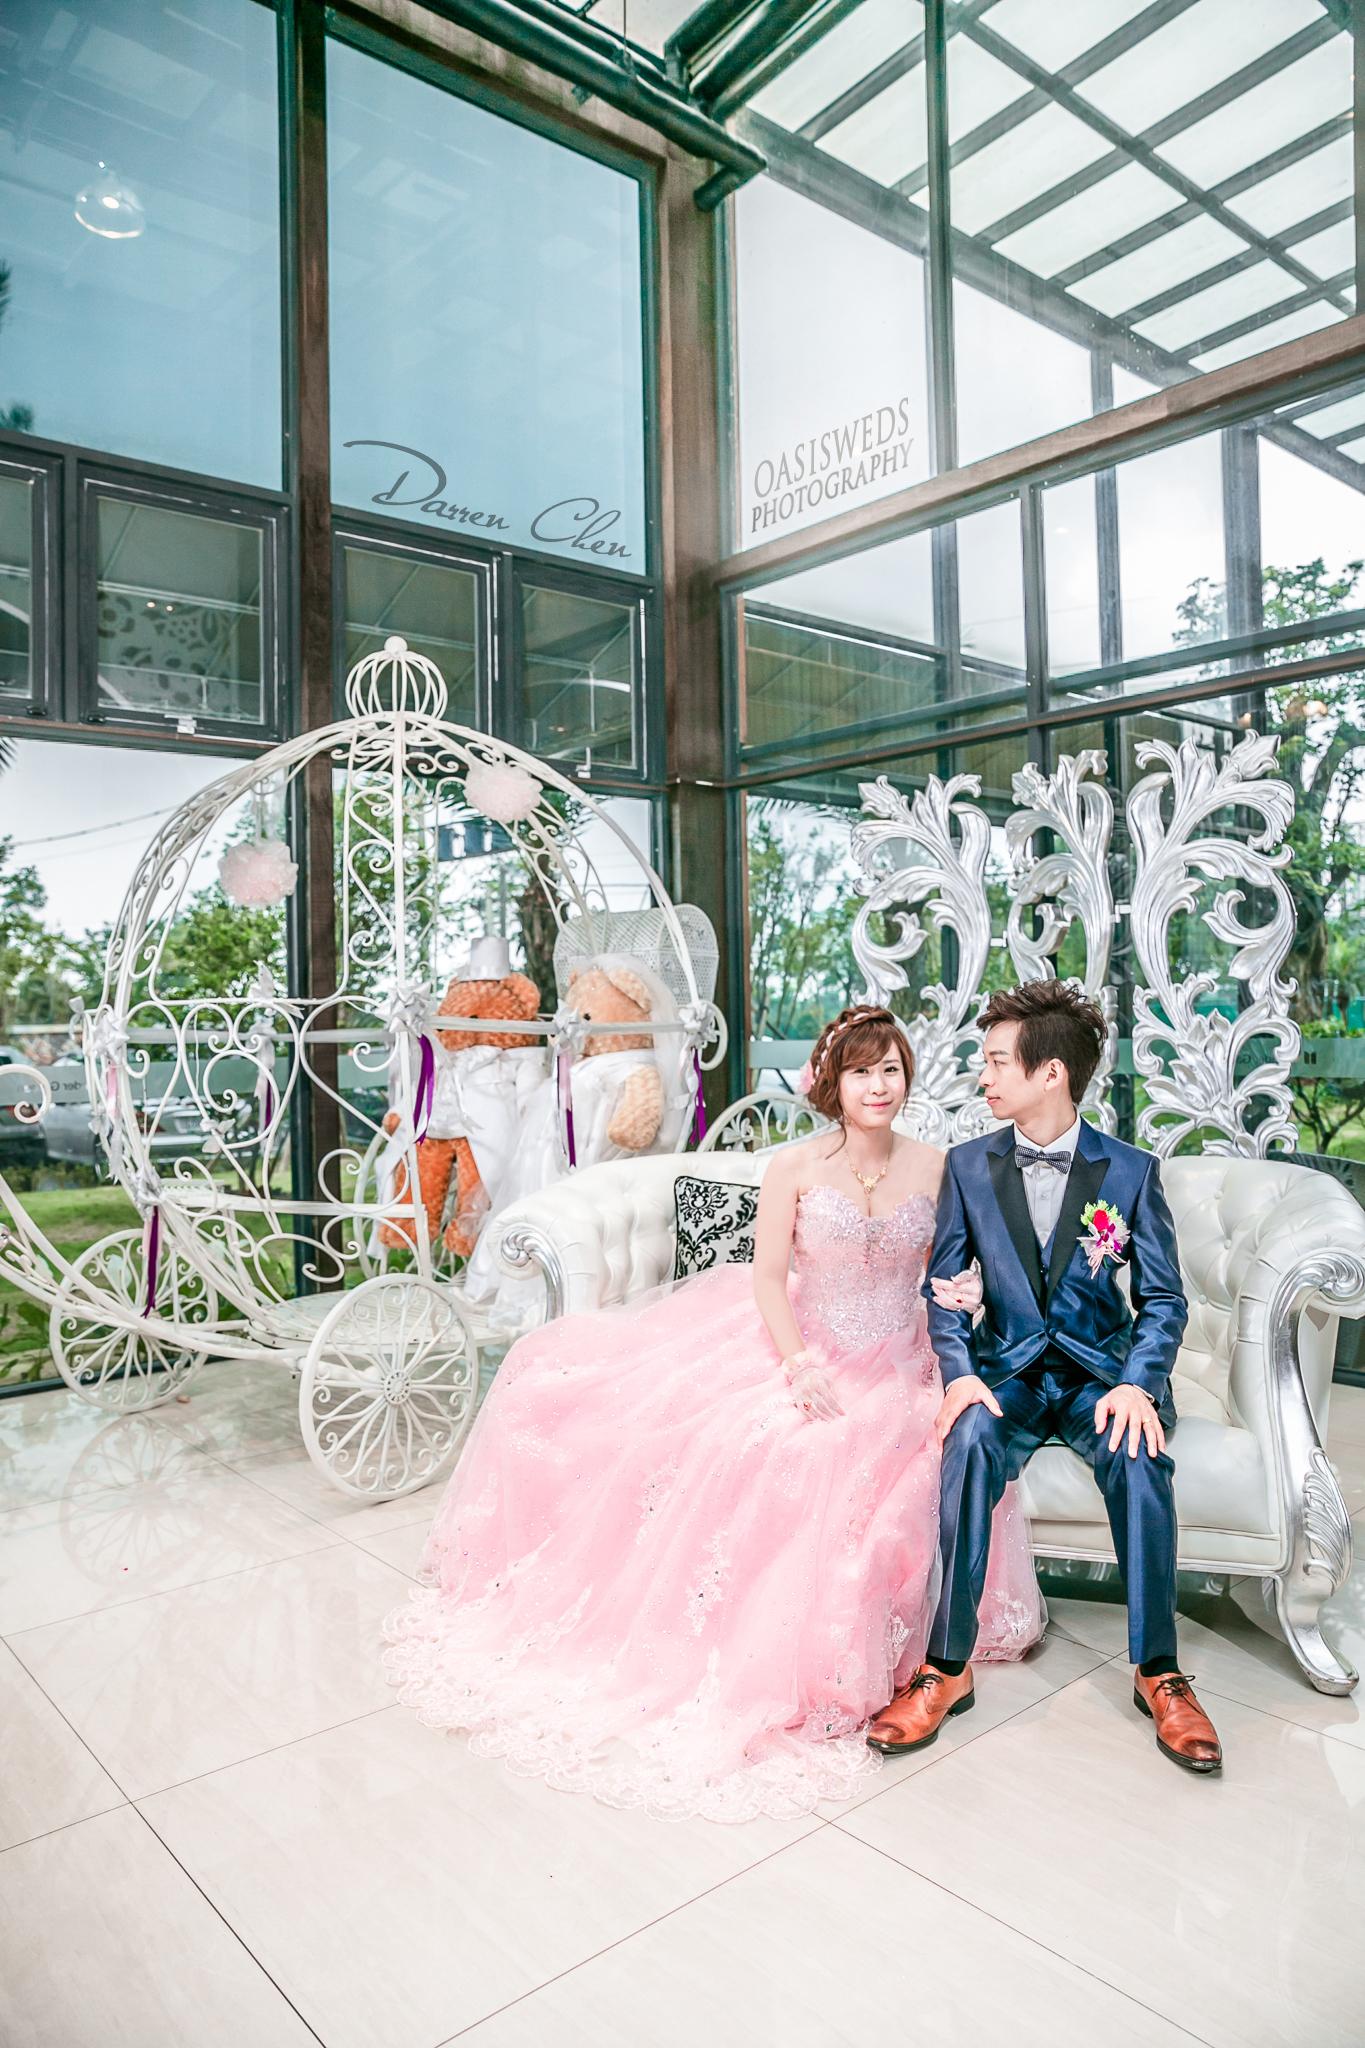 晶麒莊園-宴客-婚攝Darren-幸福綠洲婚禮紀錄Oasisweds